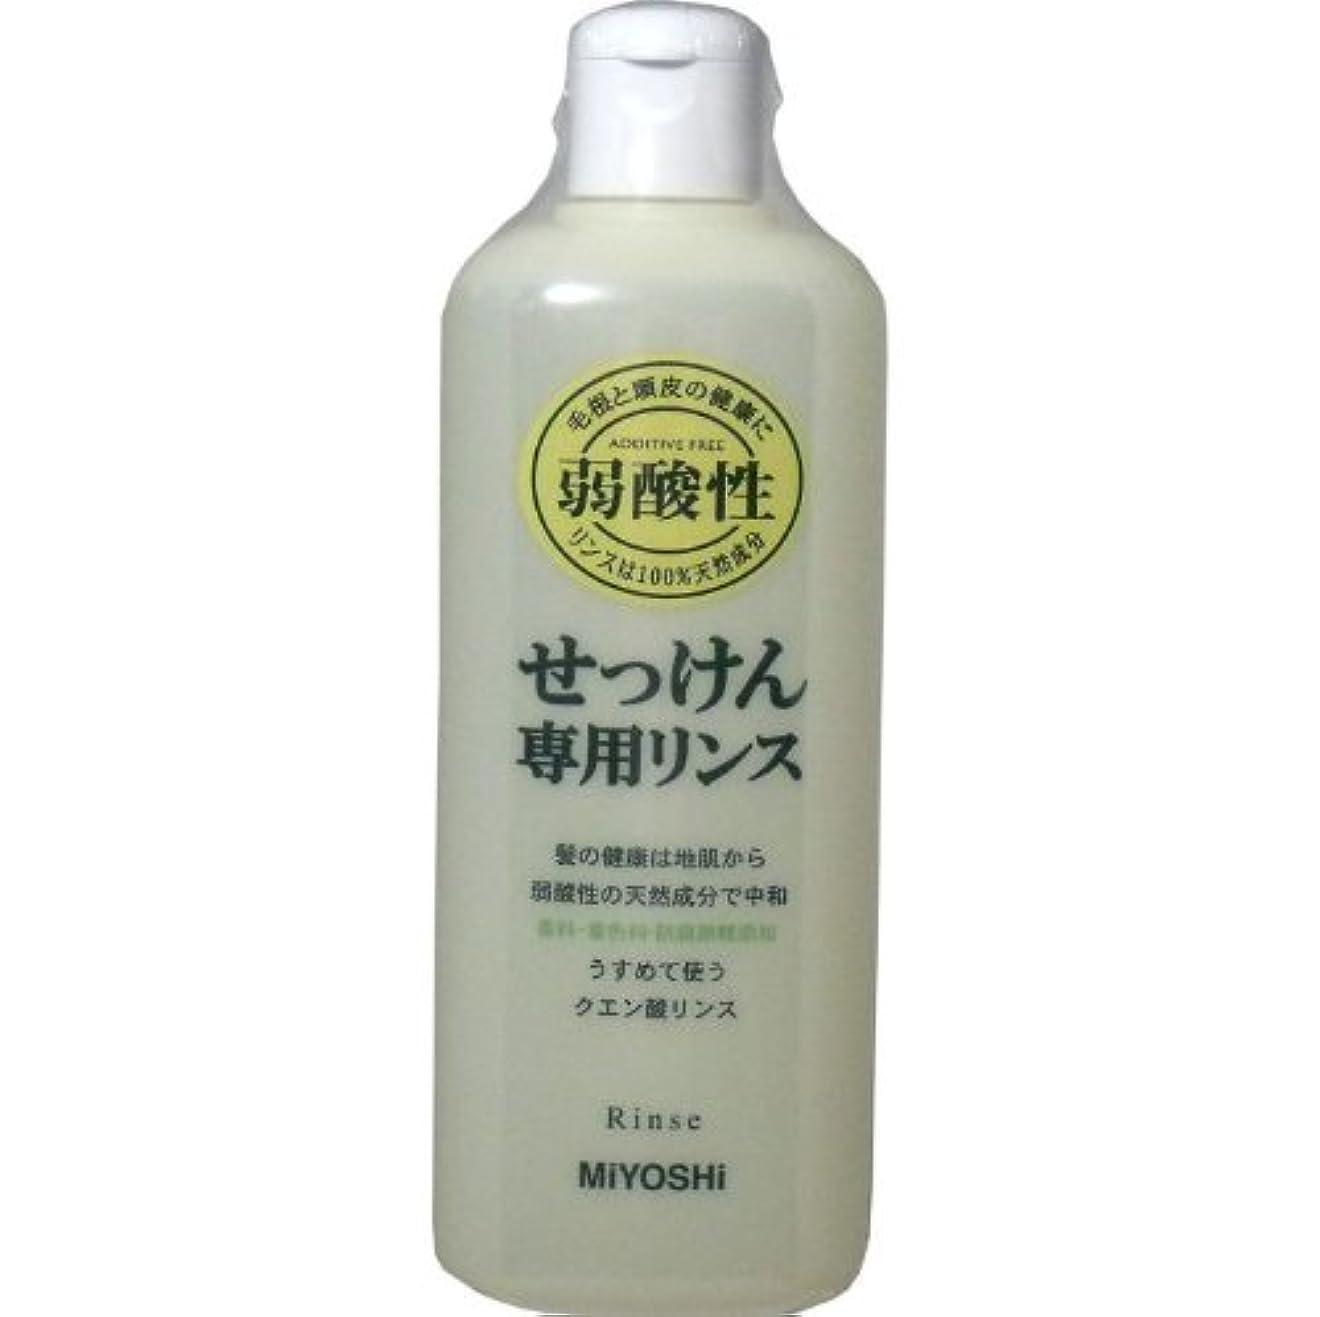 明日マイルストーンはしご髪の健康は地肌から、弱酸性の天然成分で中和!!香料、防腐剤、着色料無添加!うすめて使うクエン酸リンス!リンス 350mL